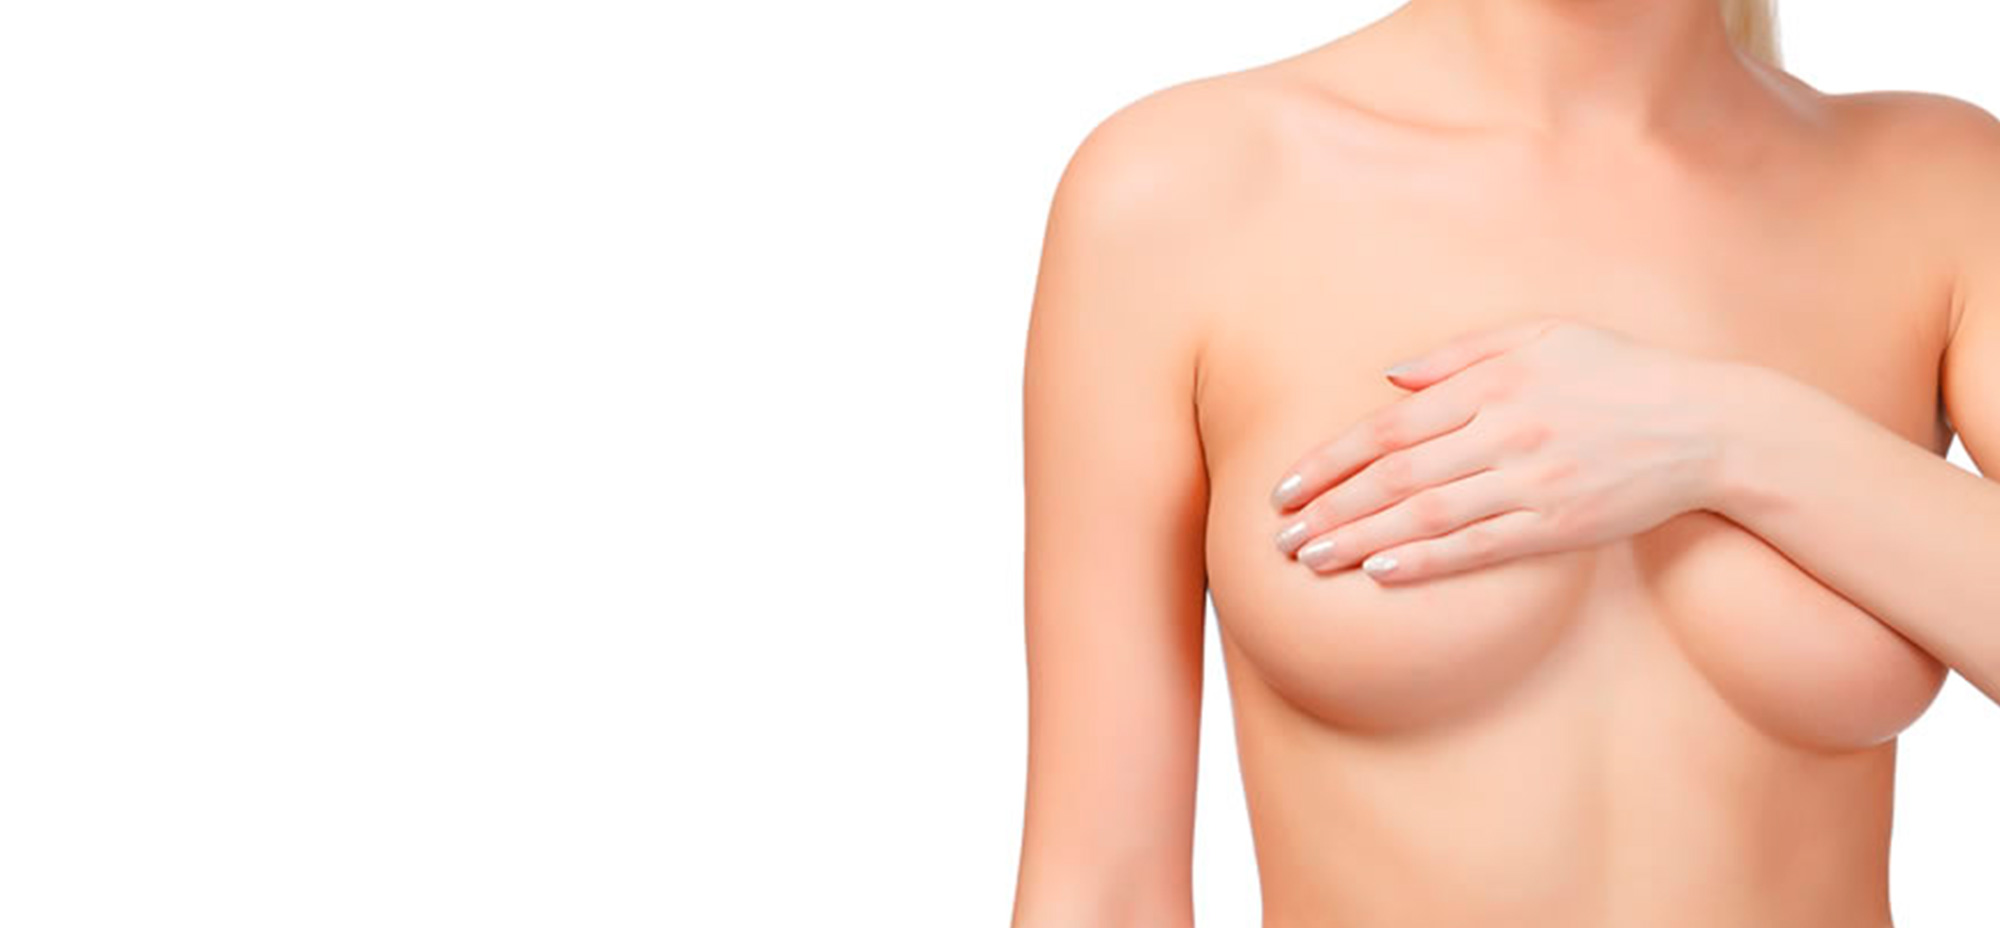 Chirurgia <span>Estetica</span>, <span>Plastica</span> e <span>Ricostruttiva</span>